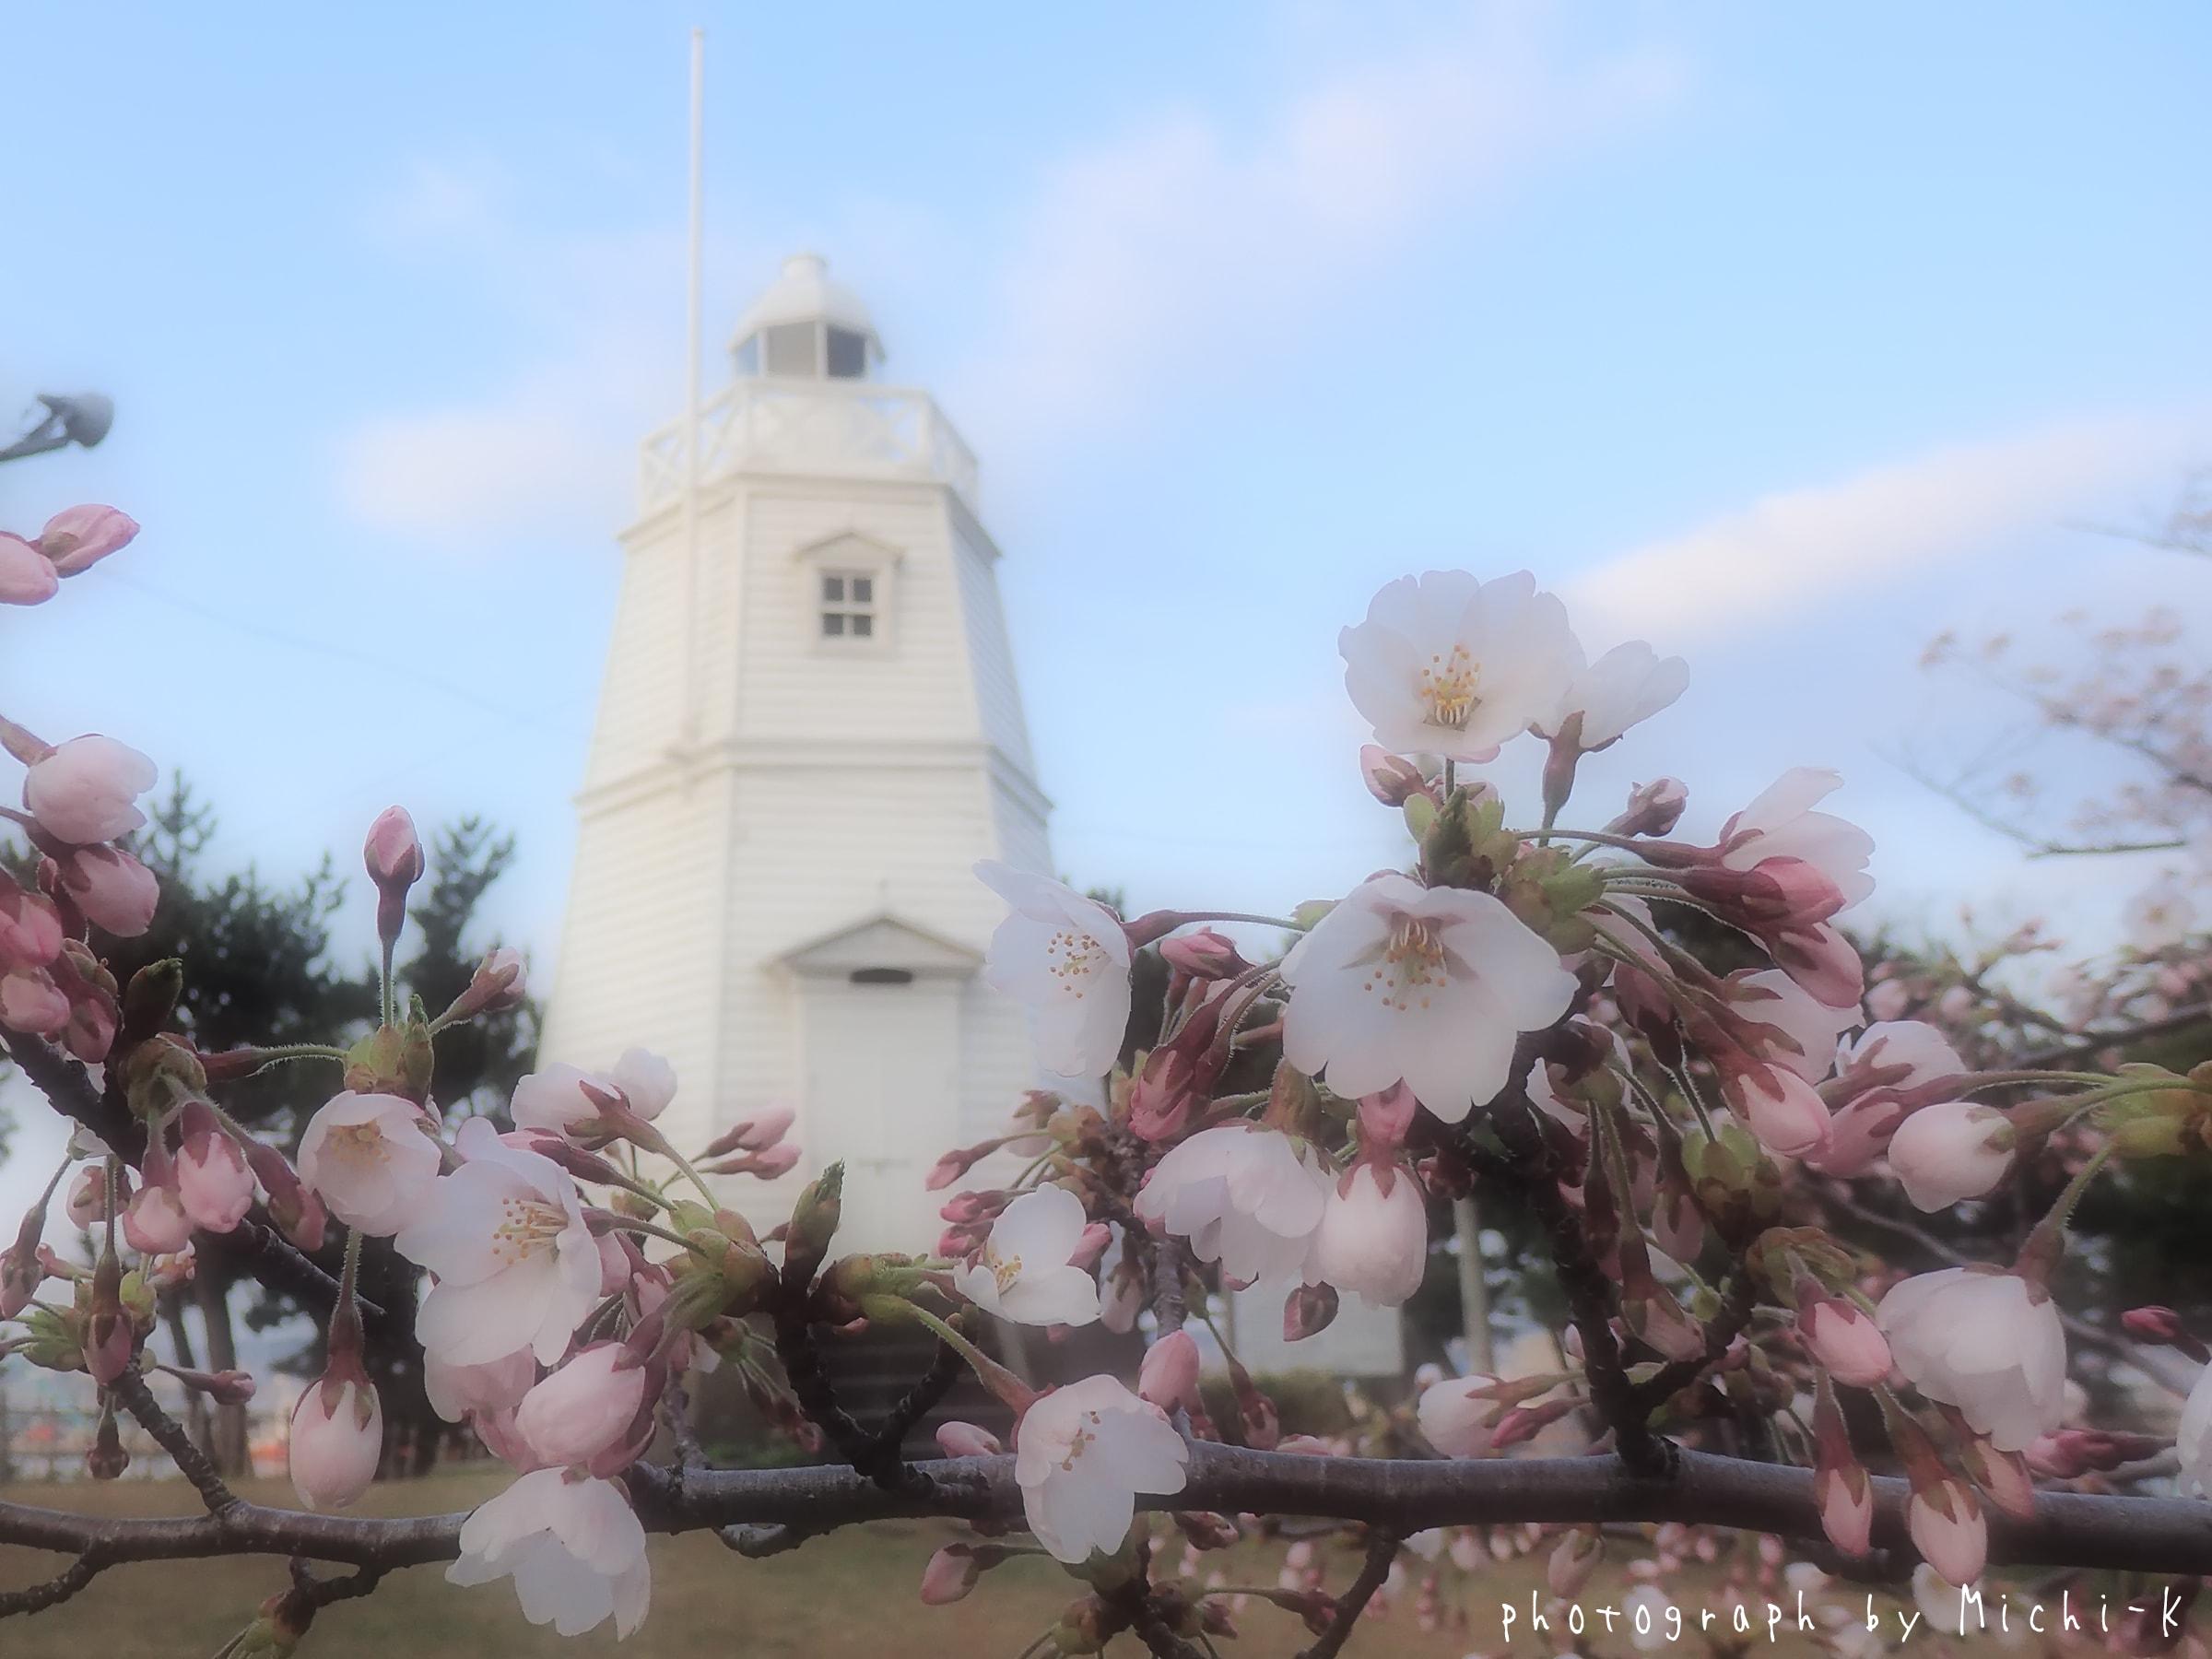 酒田市日和山公園、桜と灯台-2017/4/16 No.1